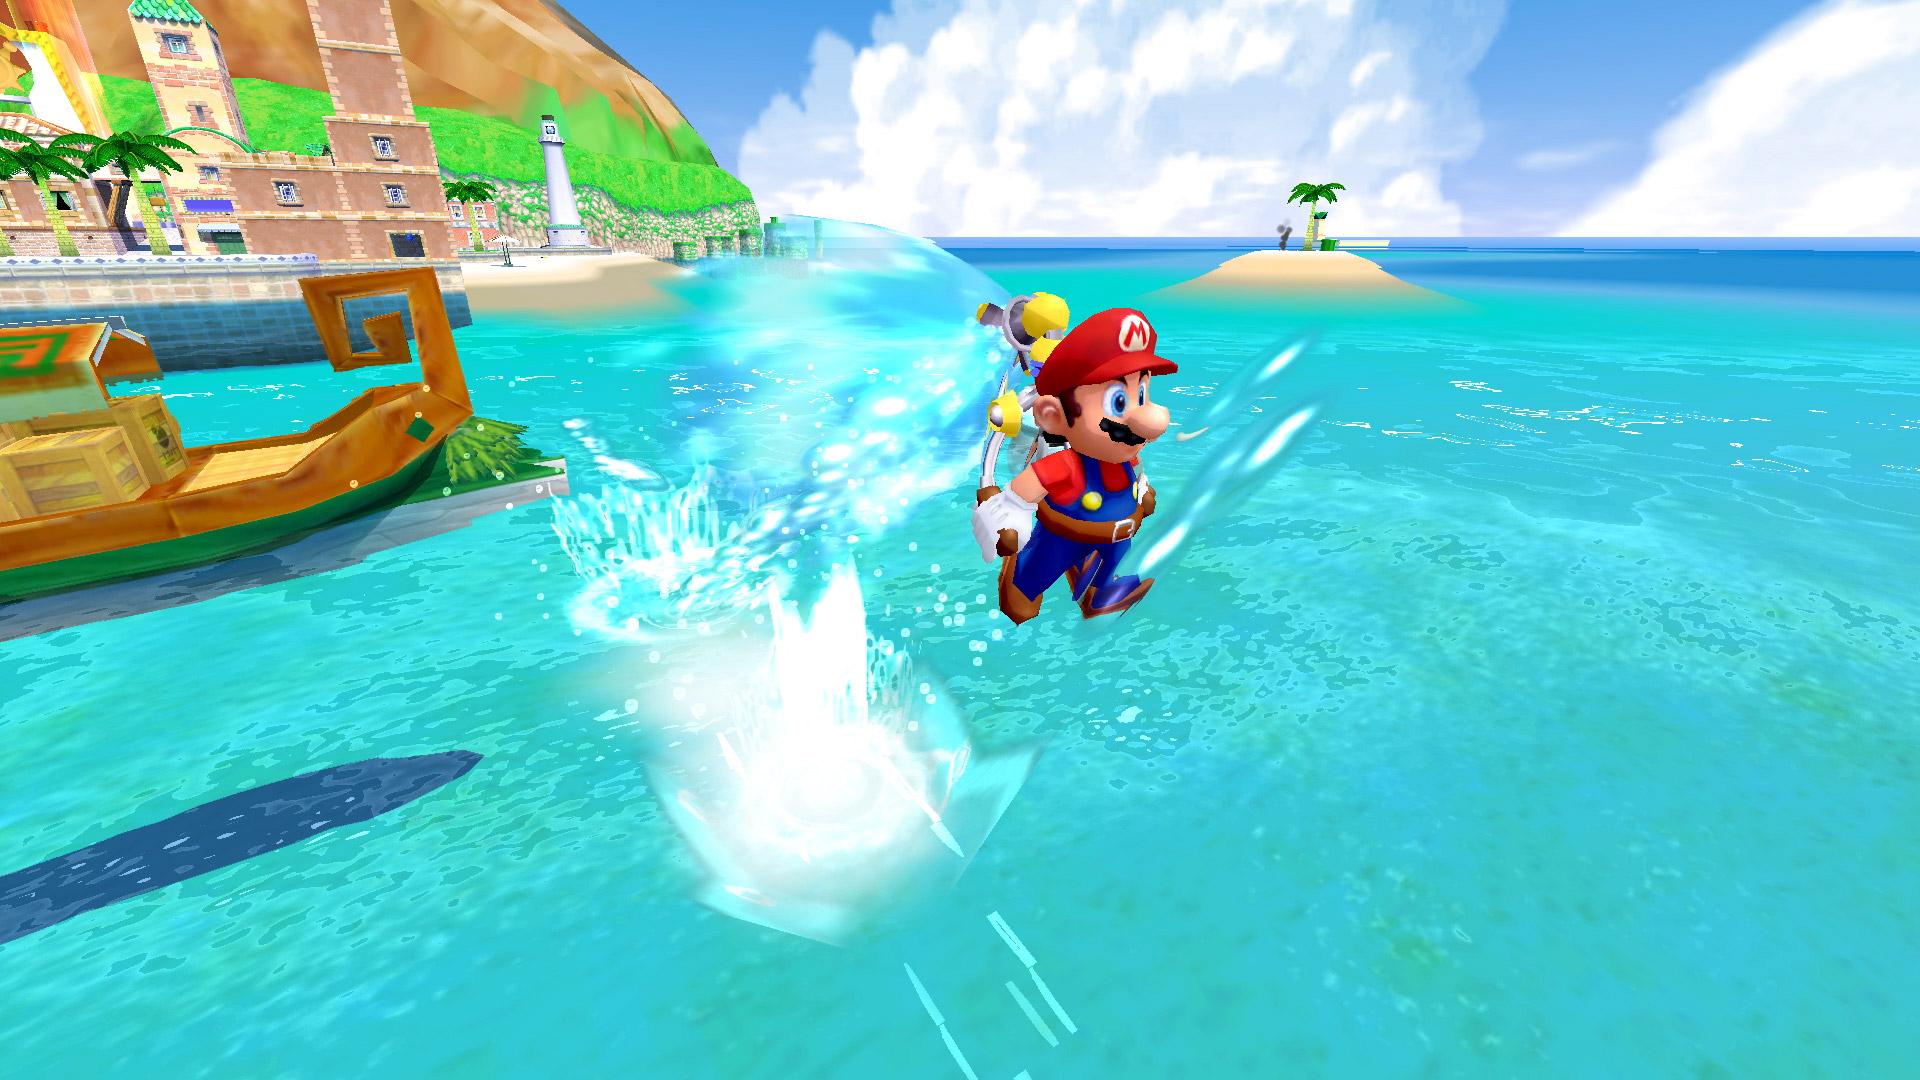 Il vous reste un mois pour acheter l'excellente compilation Mario sur Switch - Numerama